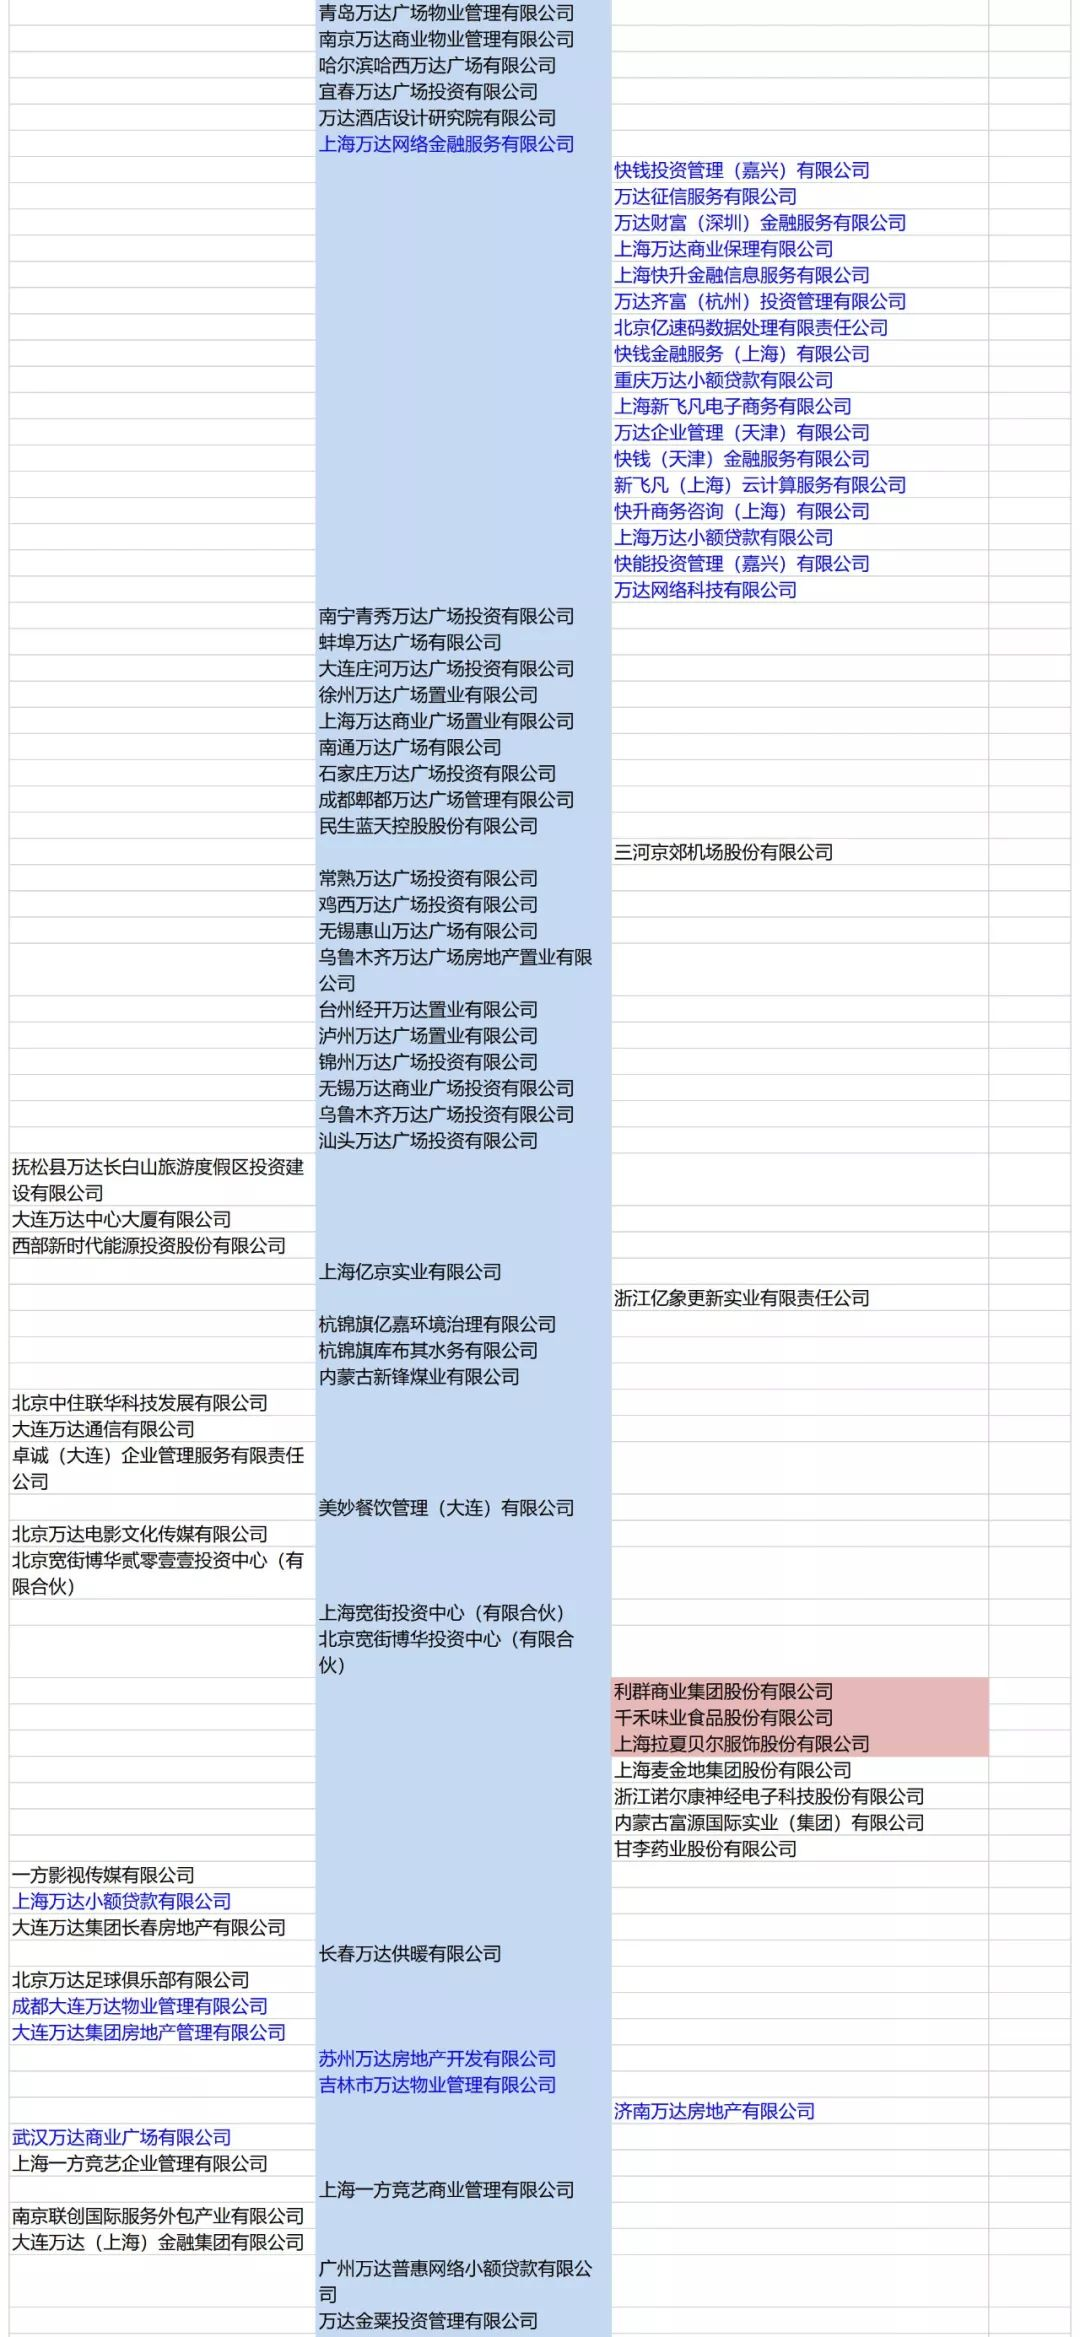 w彩票娱乐开户,快讯:港股恒指跌逾1%险守30000点 汇丰控股领跌蓝筹